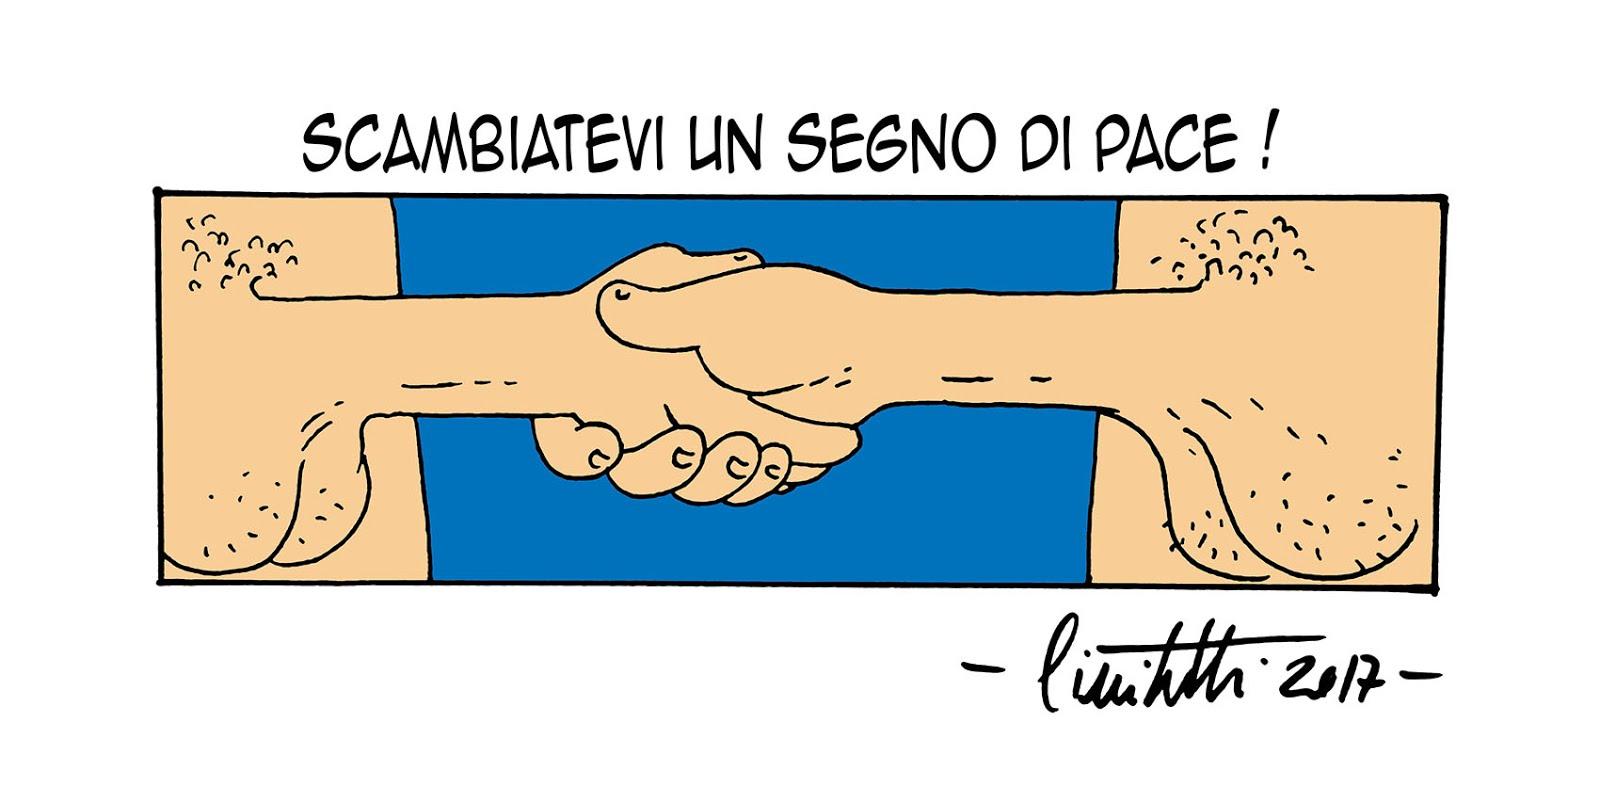 IGNAZIO  PICHITELLI